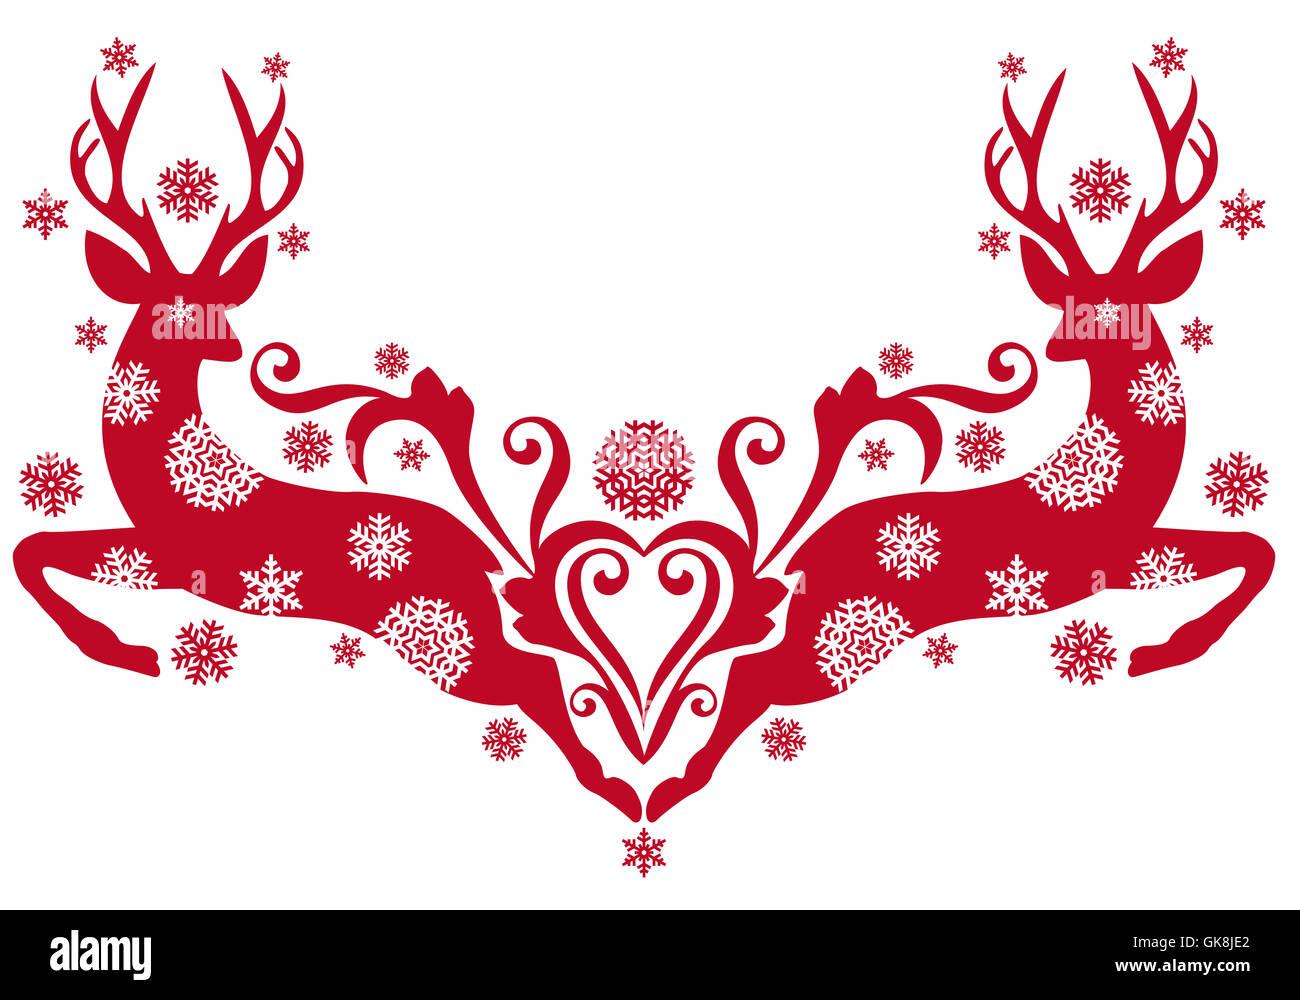 christmas snowflake deer - Stock Image